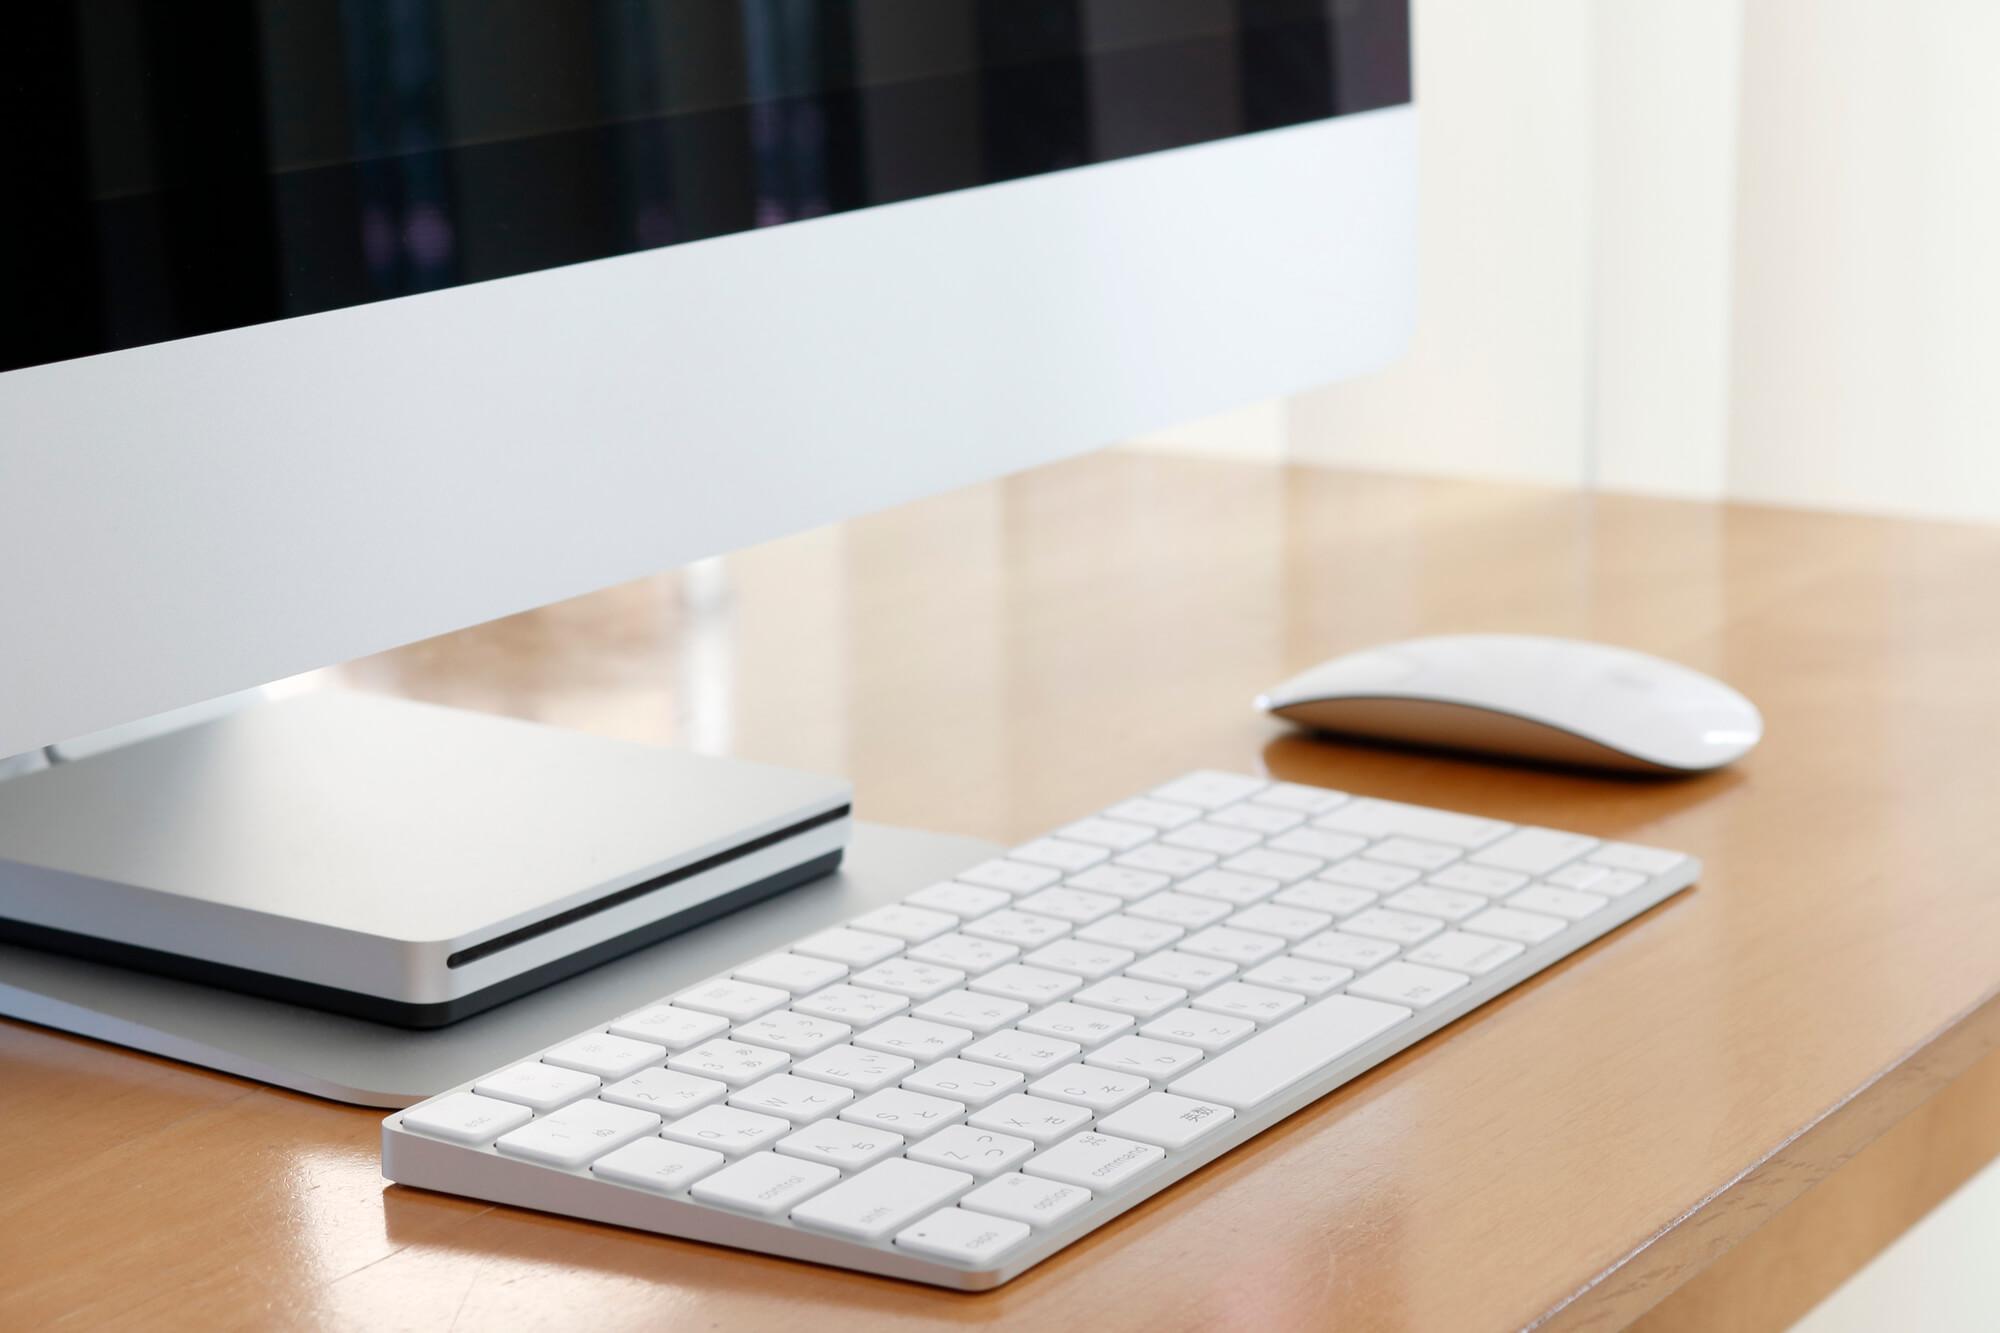 インフルエンザ予防にもなる!?無水エタノールでキーボードを掃除しよう。